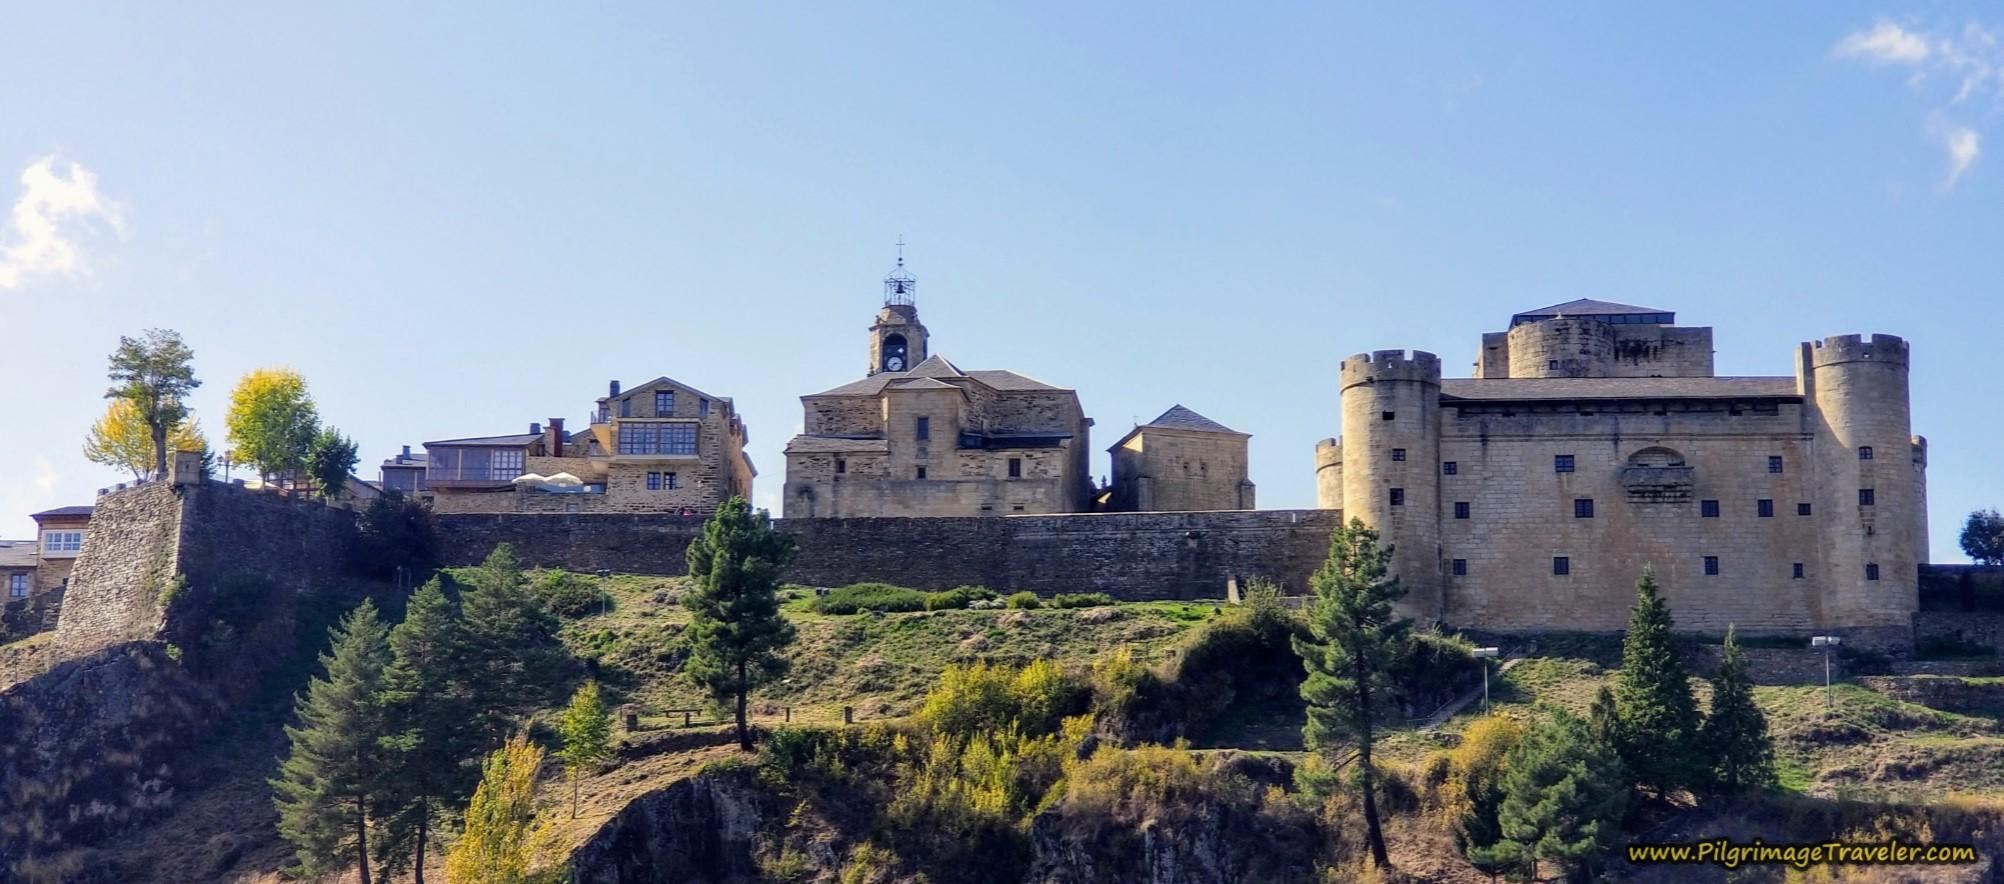 The Fortress Hill of Puebla de Sanabria